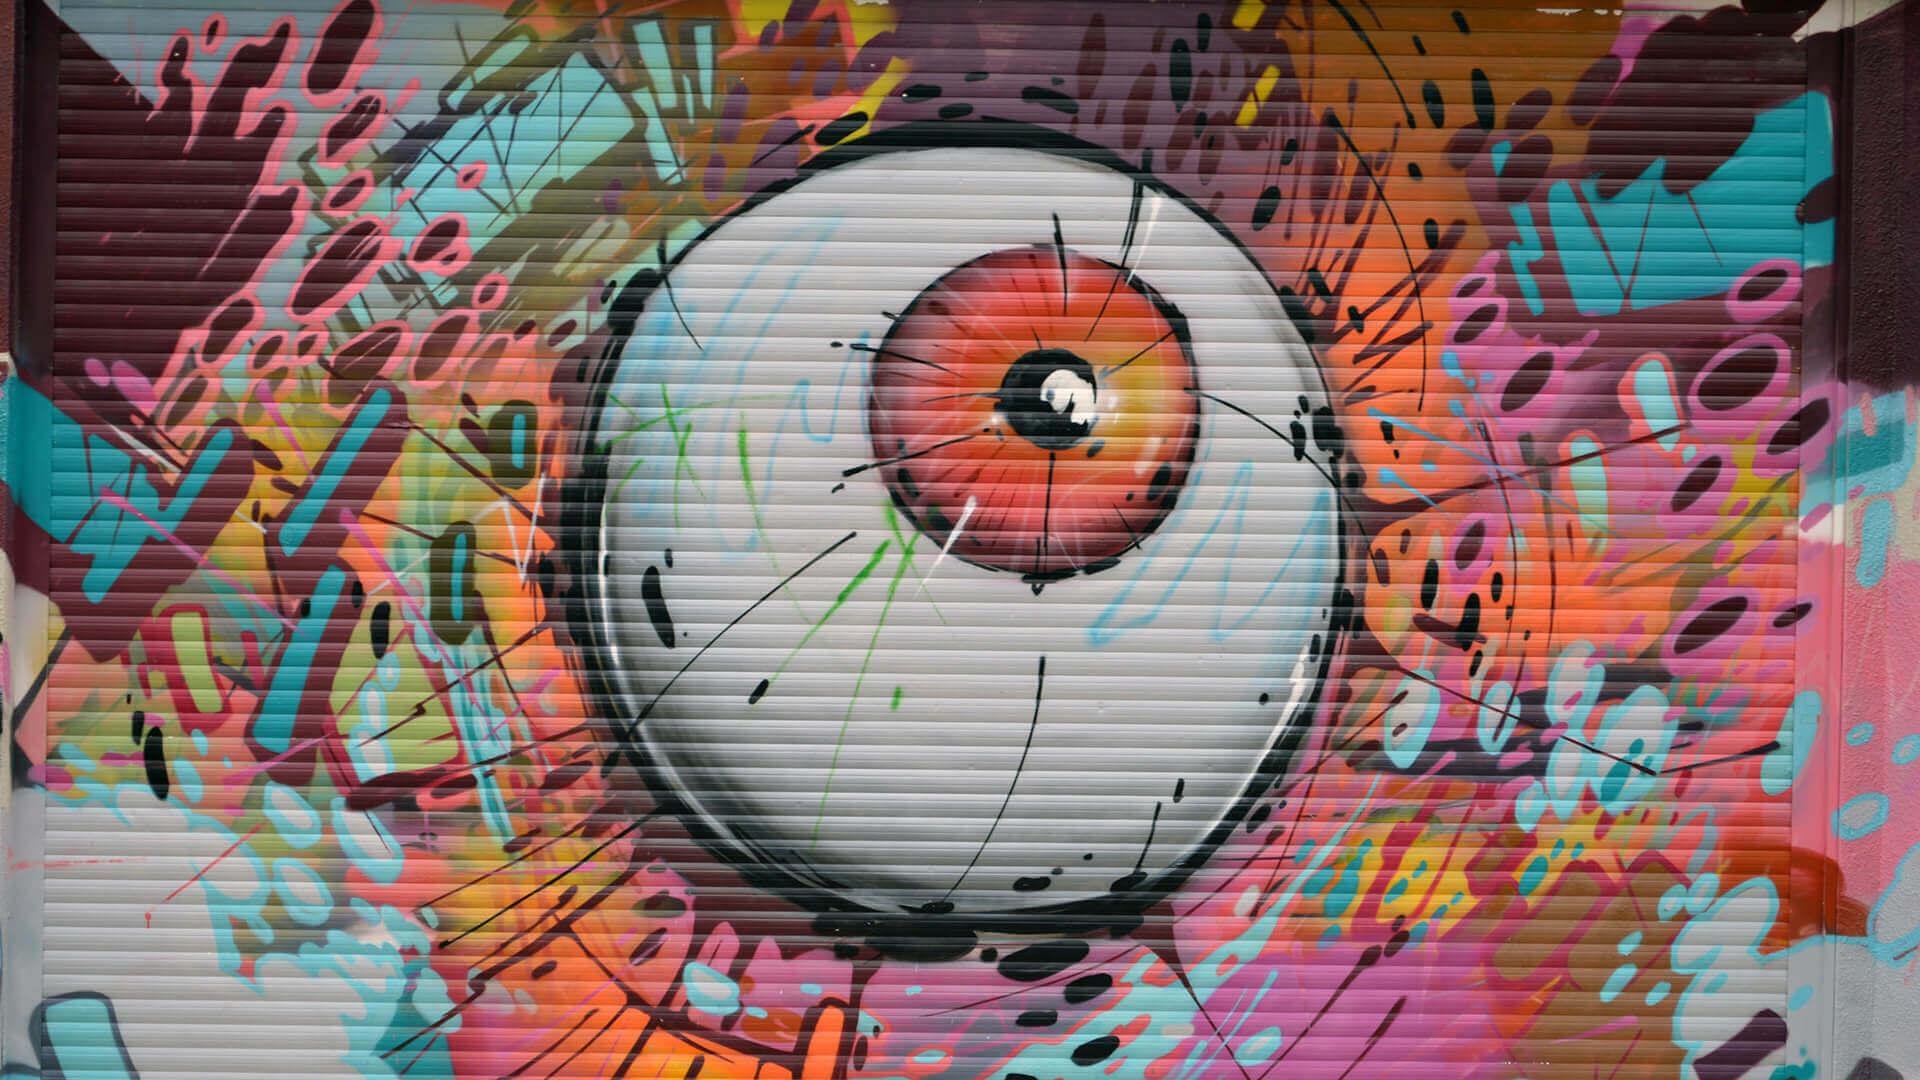 grafitti de um olho